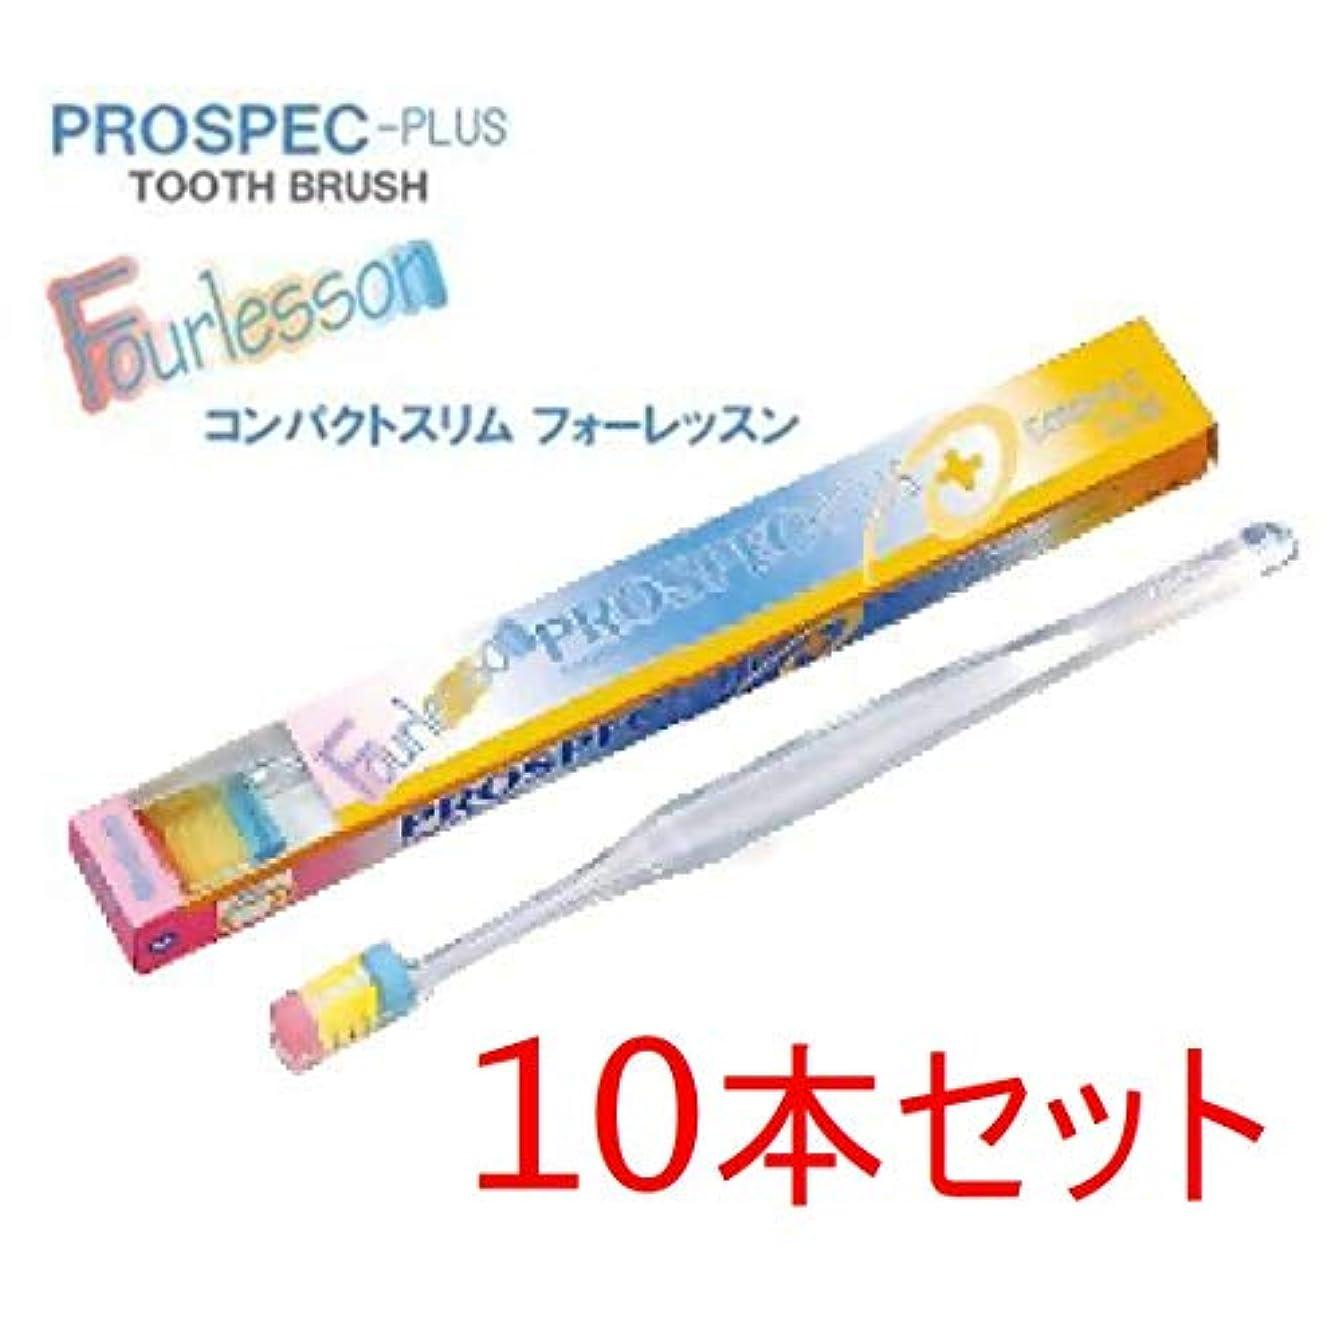 ディレイしがみつく原子プロスペック 歯ブラシ コンパクトスリム 10本 フォーレッスン 毛の硬さ ふつう